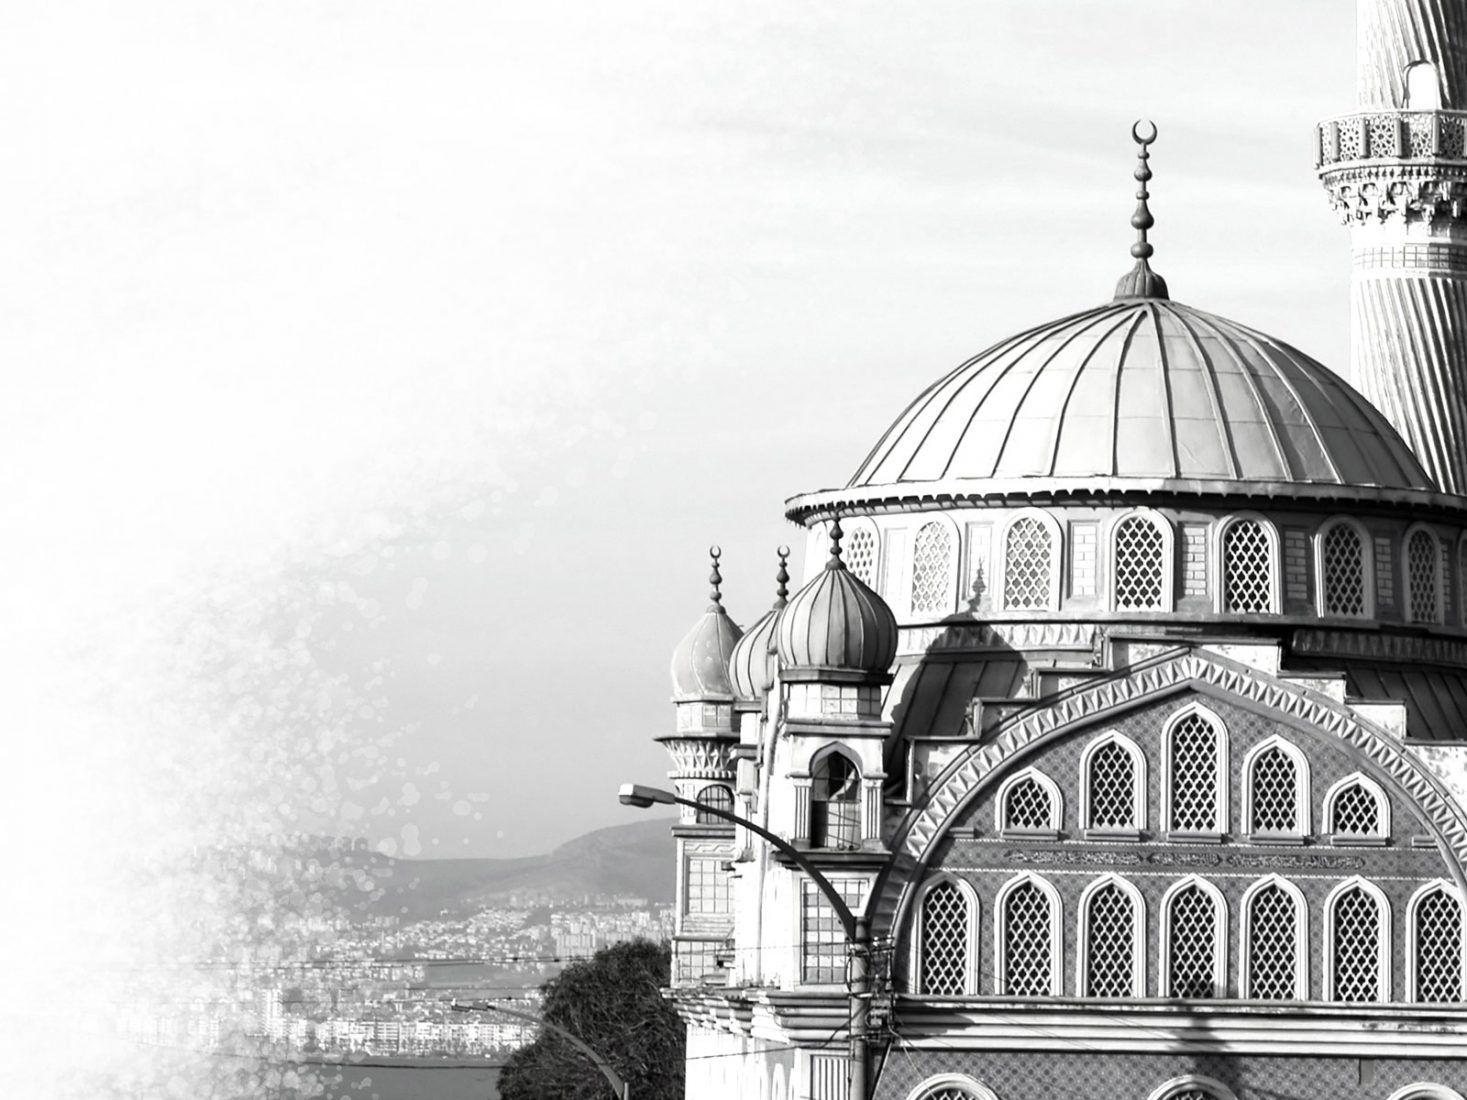 معنى لا إله إل ا الله مجلة منار الهدى In 2021 Taj Mahal Landmarks Building